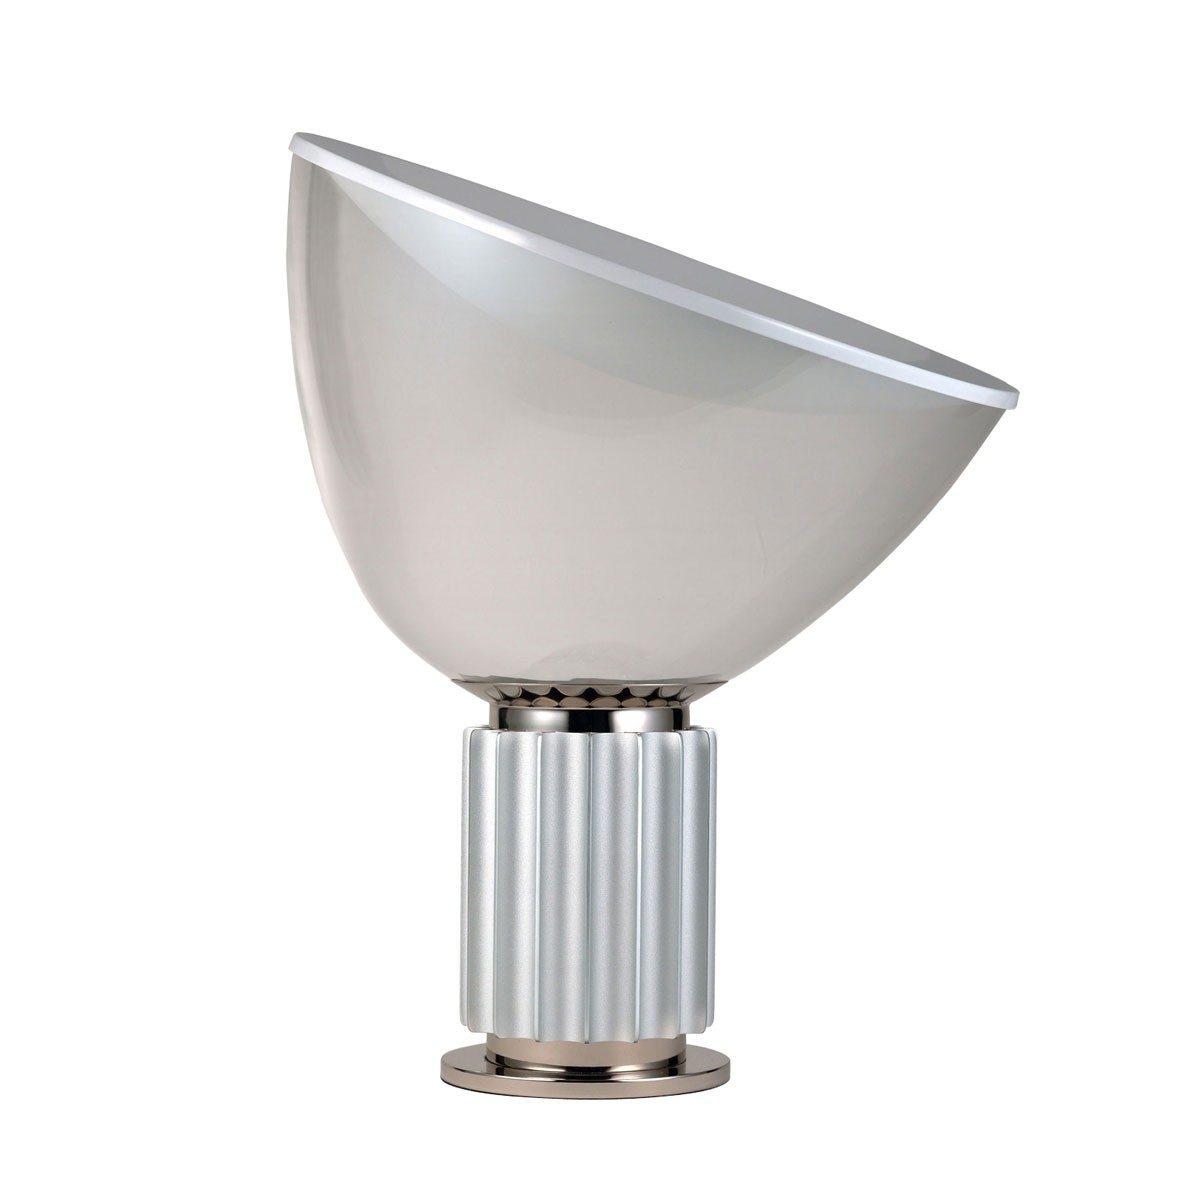 Taccia lampada tavolo castiglioni 1962 flos - Lampade da tavolo di design ...